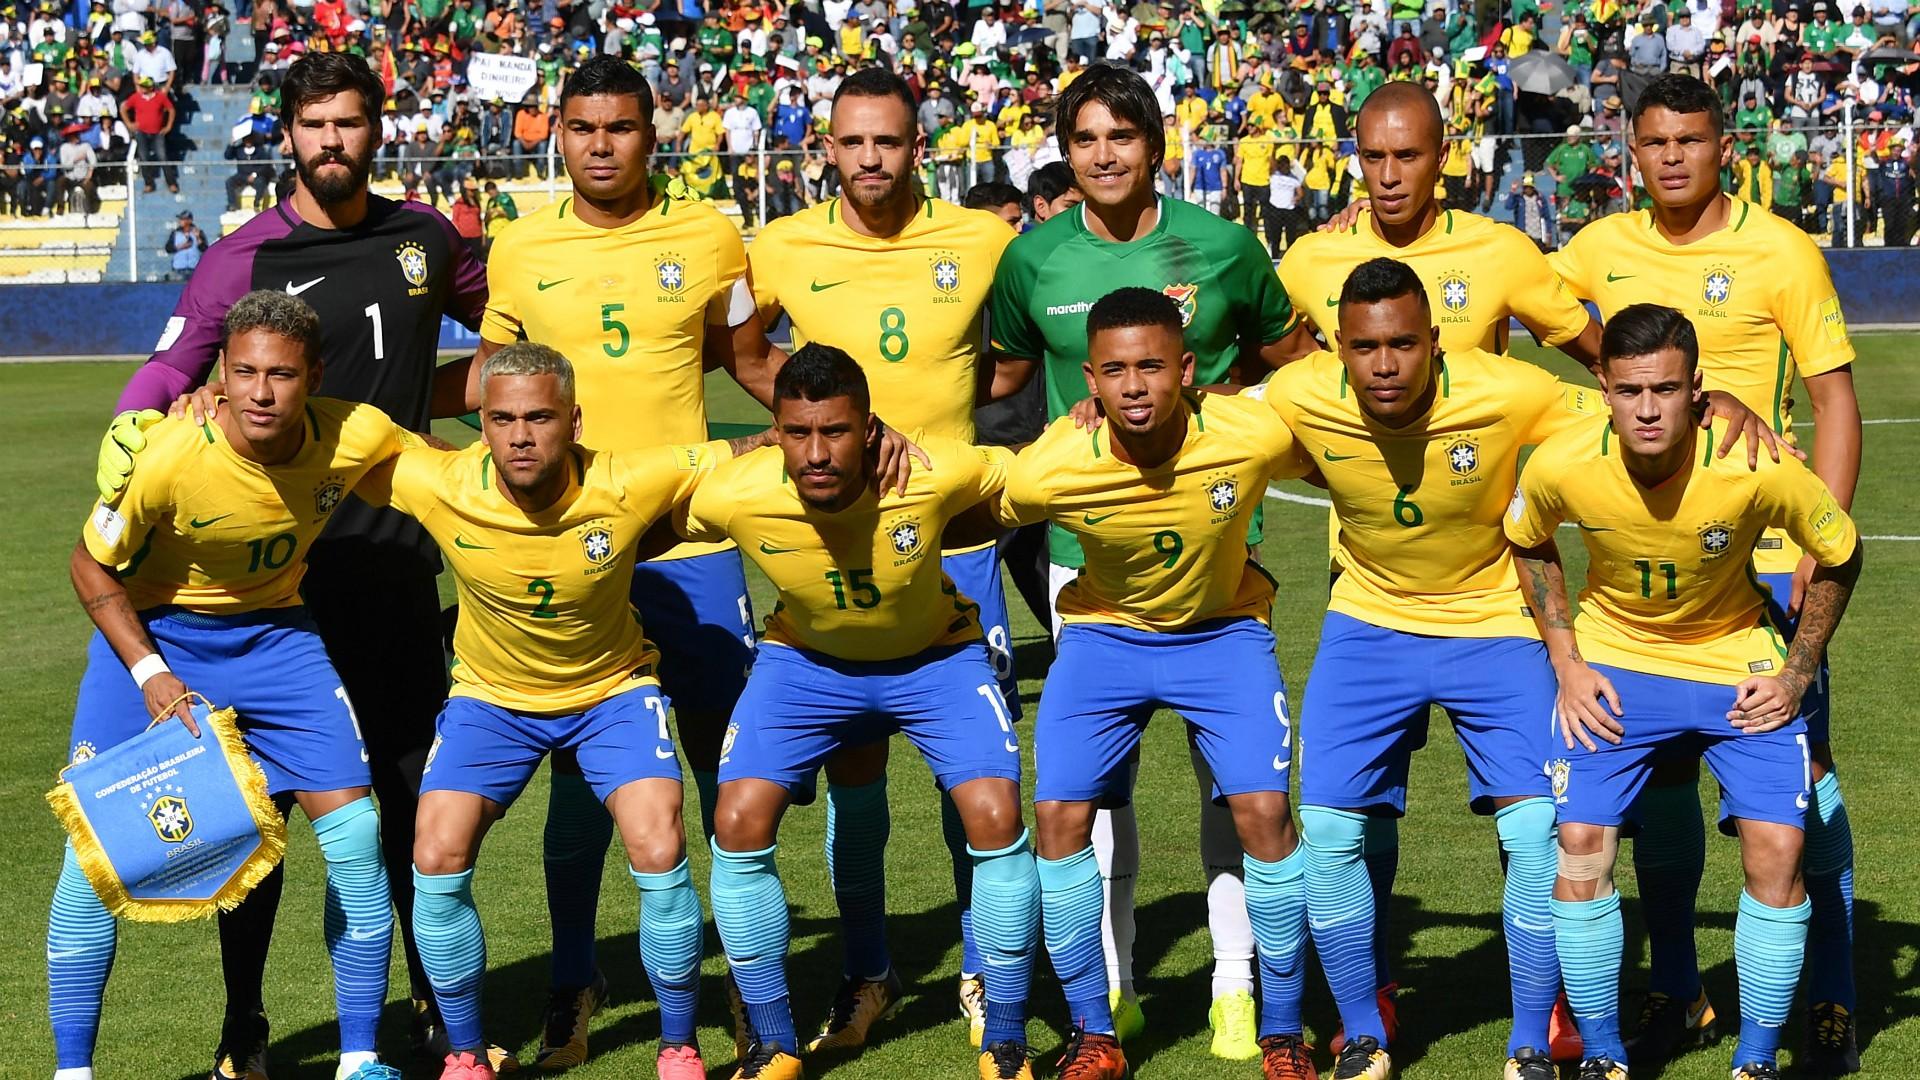 巴西足球国家队12号_巴西足球国家队